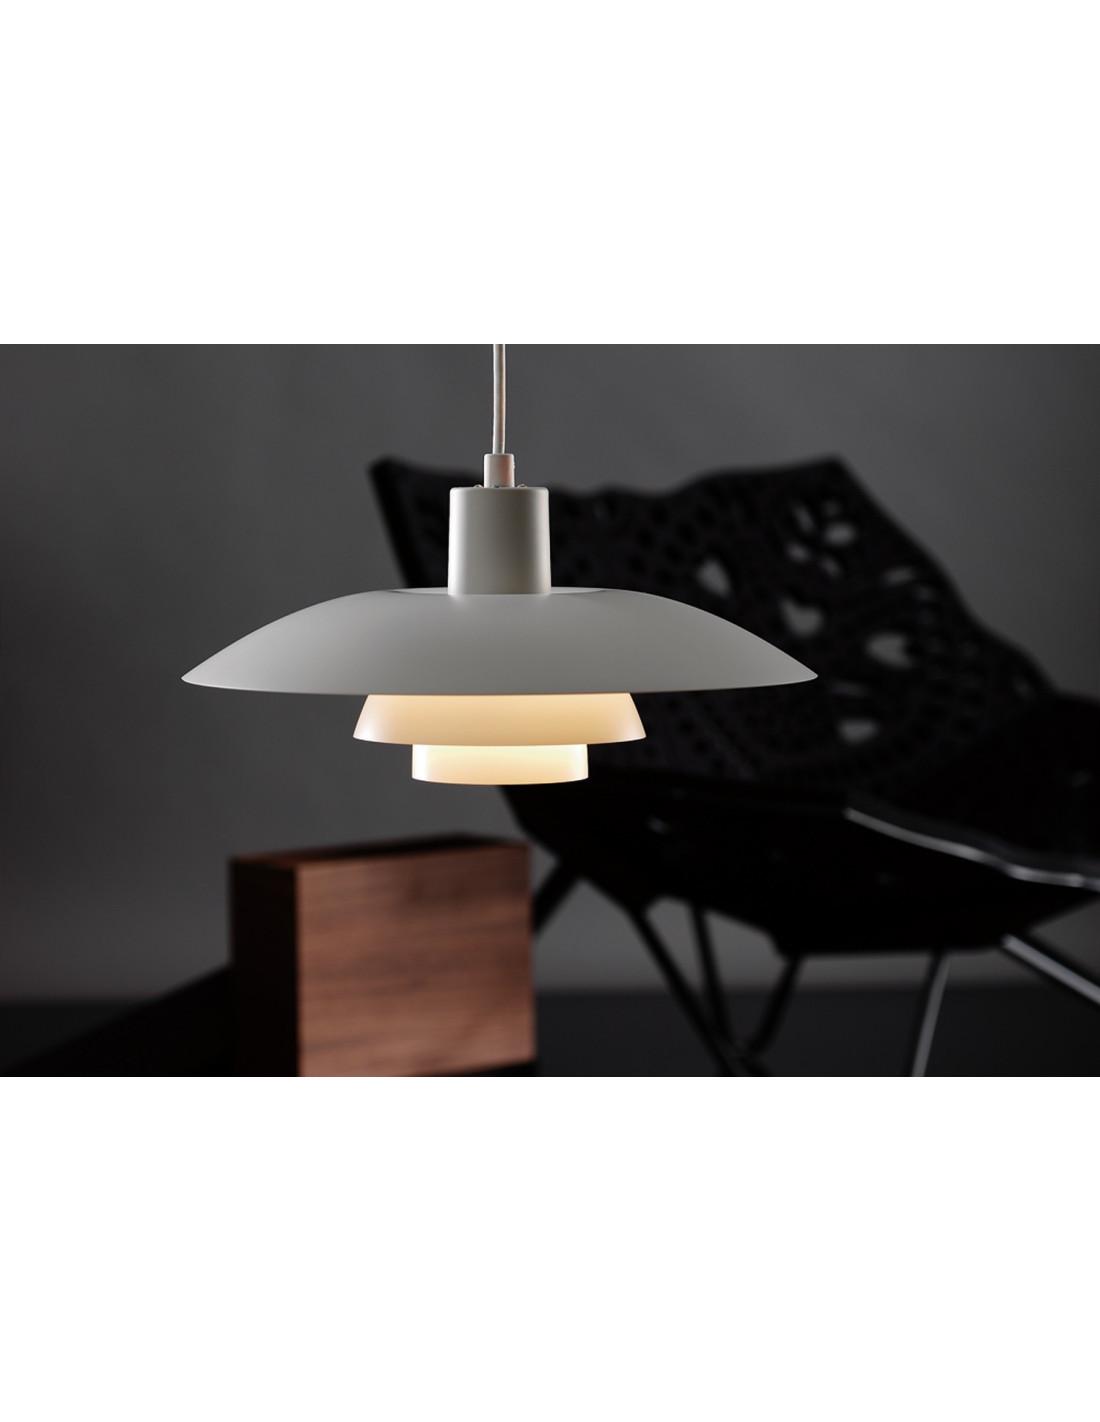 suspension ph 4 3 design poul henningsen pour louis poulsen la boutique danoise. Black Bedroom Furniture Sets. Home Design Ideas